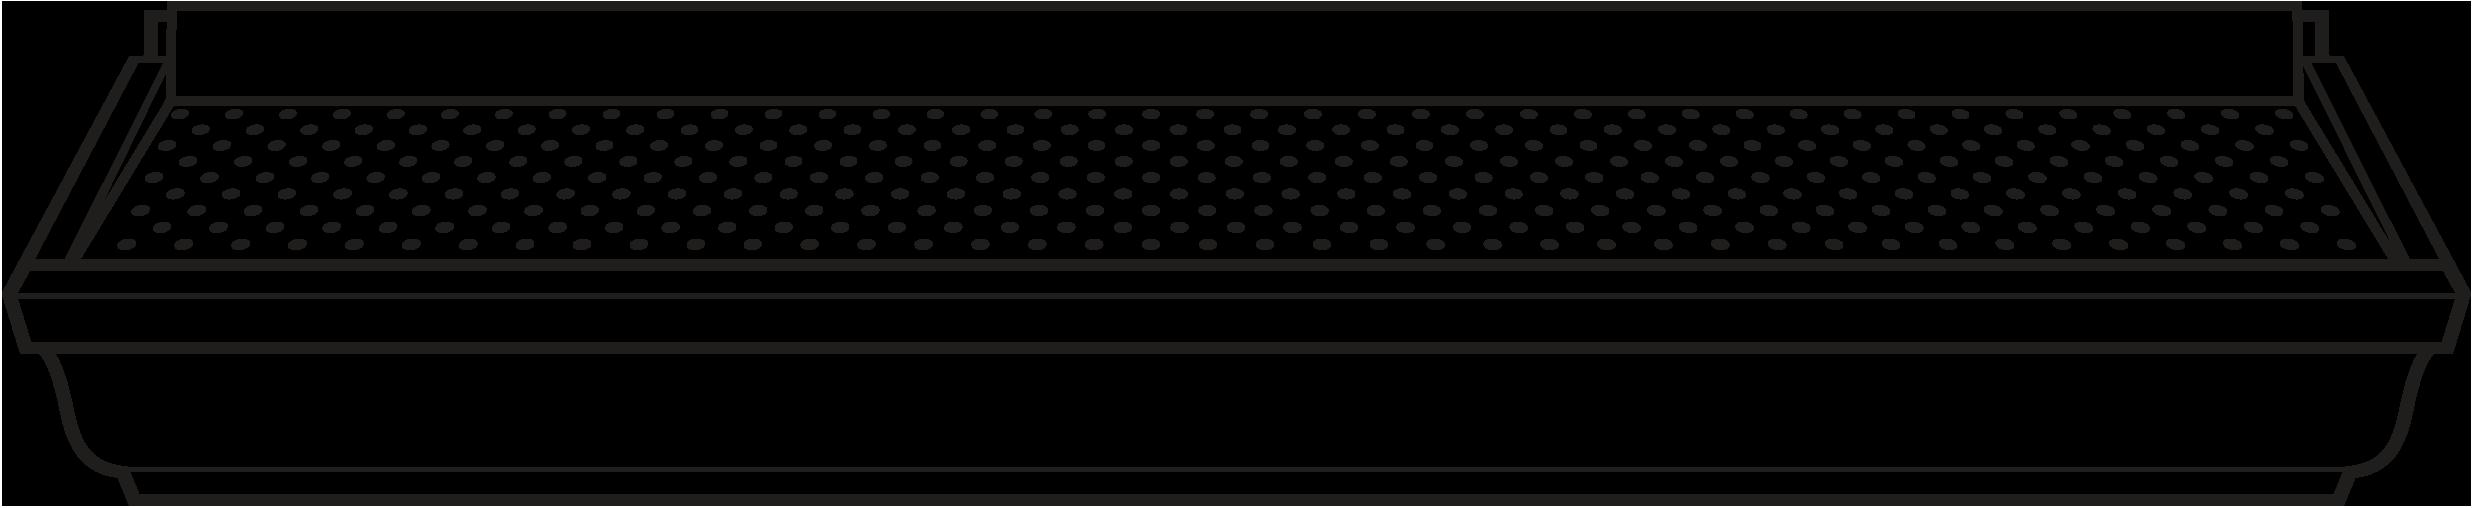 Illustration vue de l'avant d'un protège-gouttière pour gouttière neuve Alurex T Rex